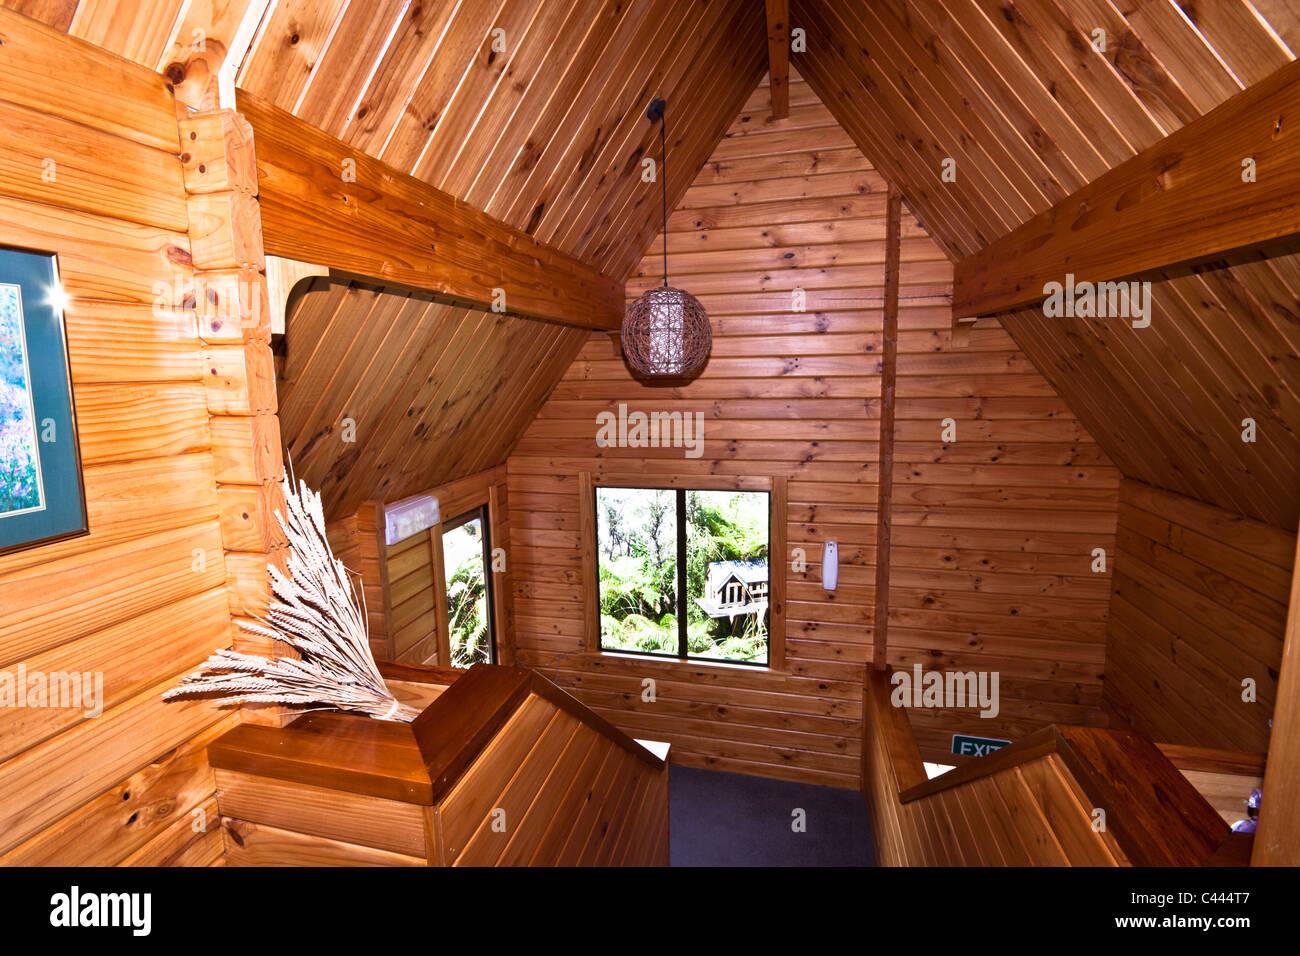 http://c8.alamy.com/compde/c444t7/holz-interieur-der-mountain-lodge-fox-glacier-lodge-fox-glacier-west-coast-sudinsel-neuseeland-c444t7.jpg